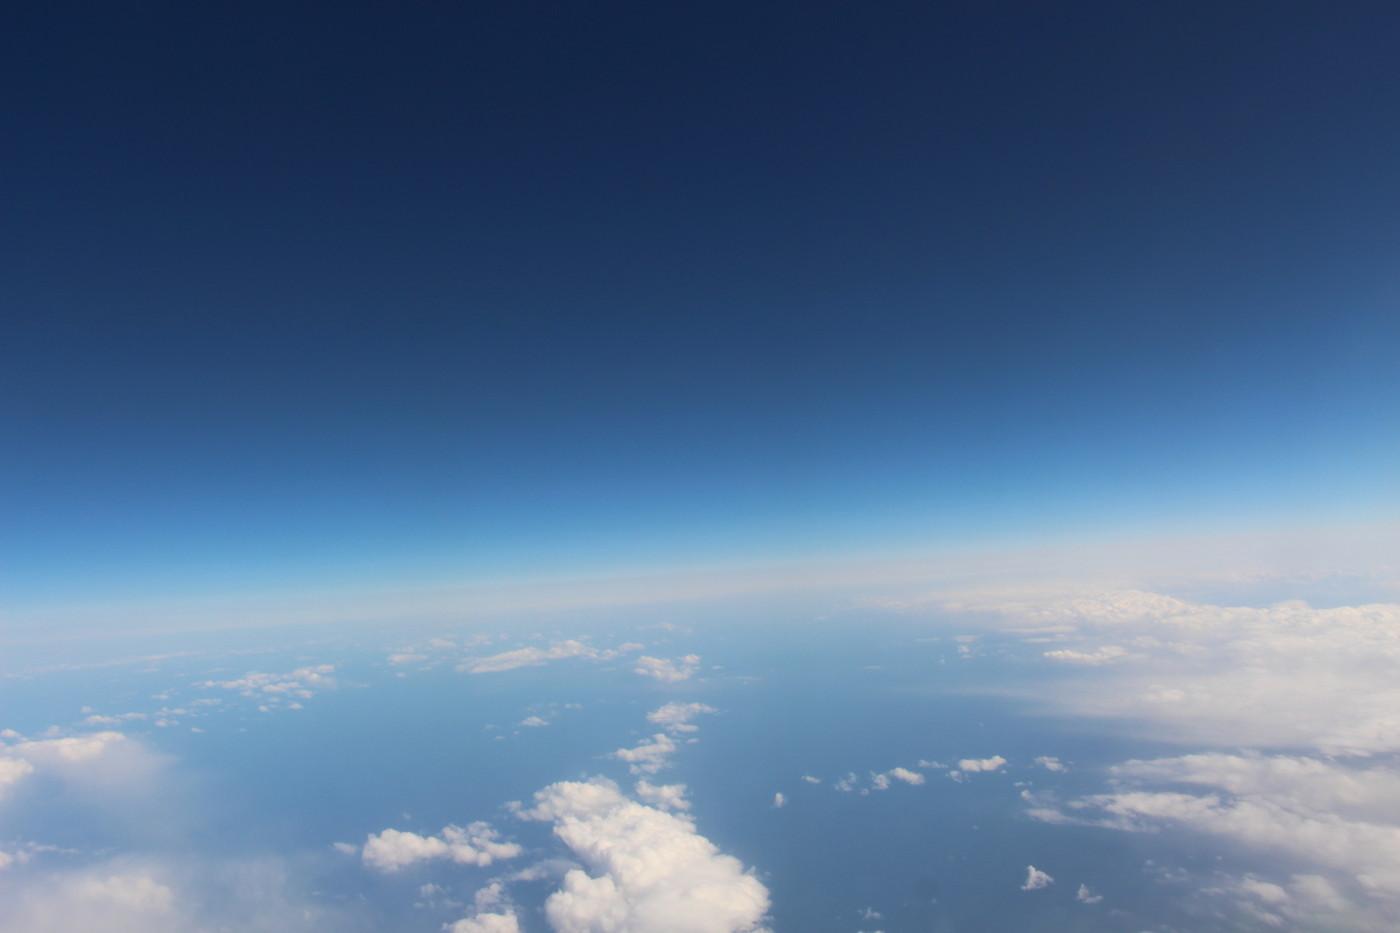 機内からの画像